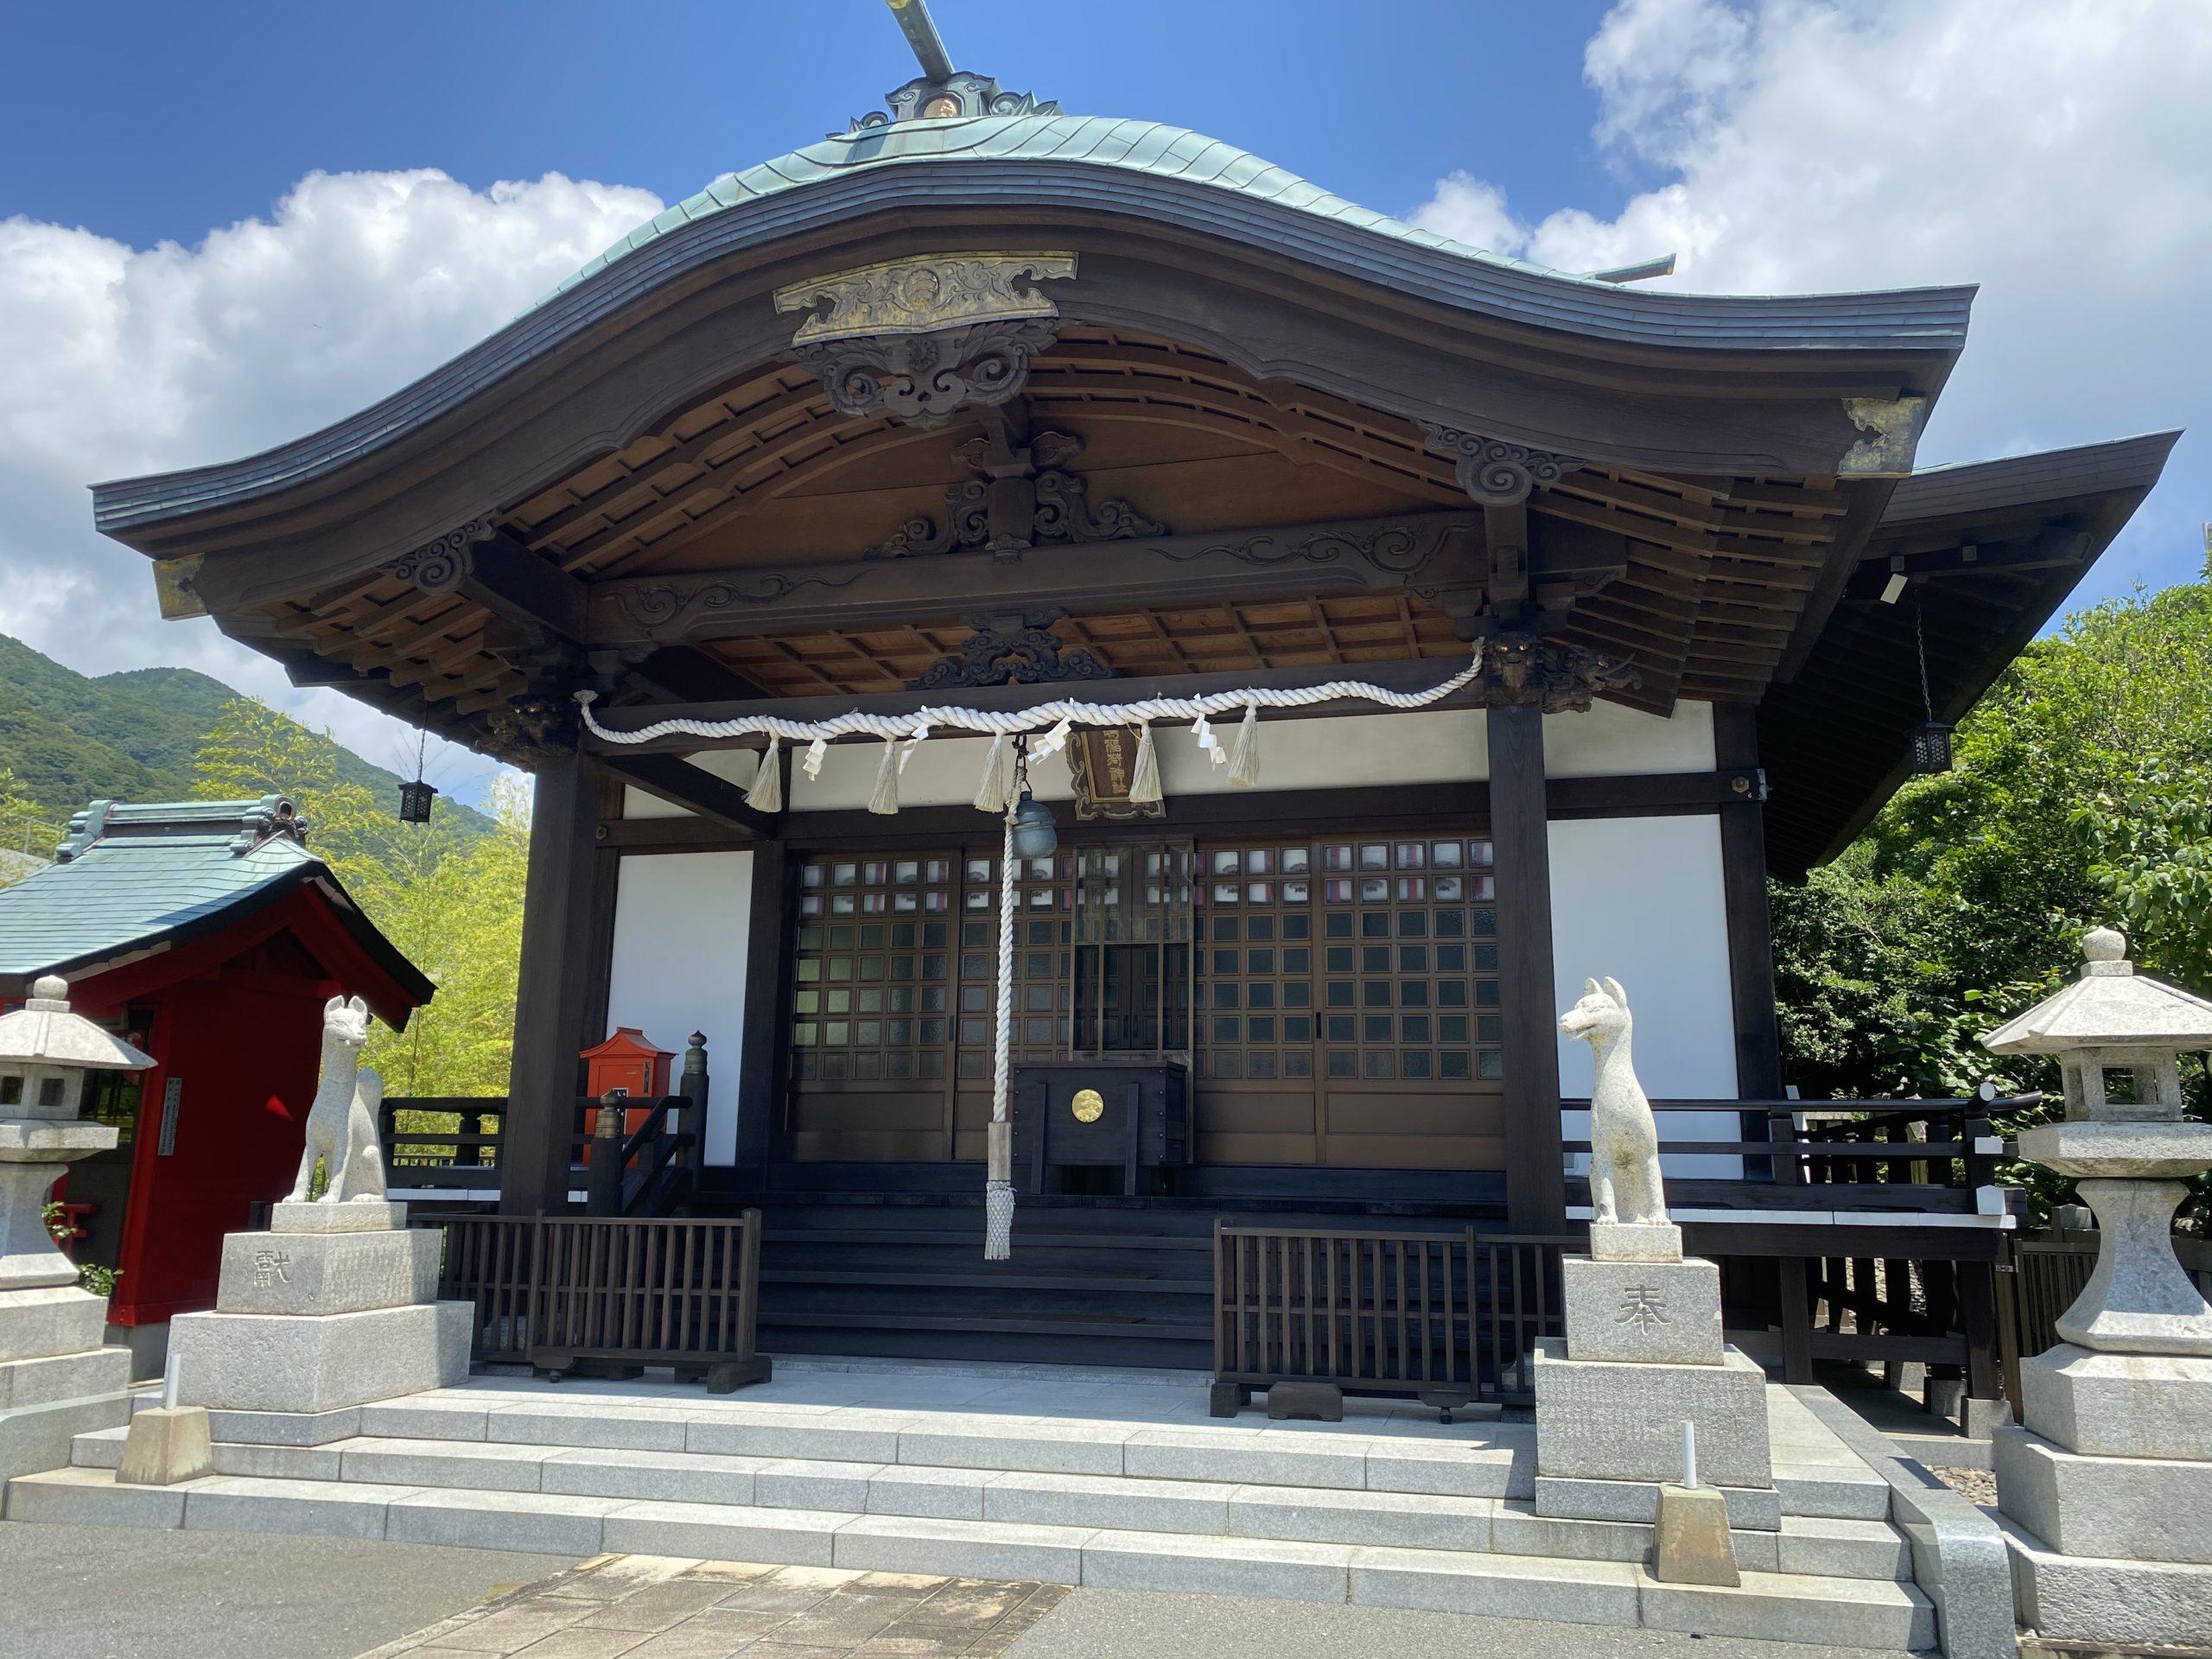 松嶋稲荷神社のご由緒や歴史